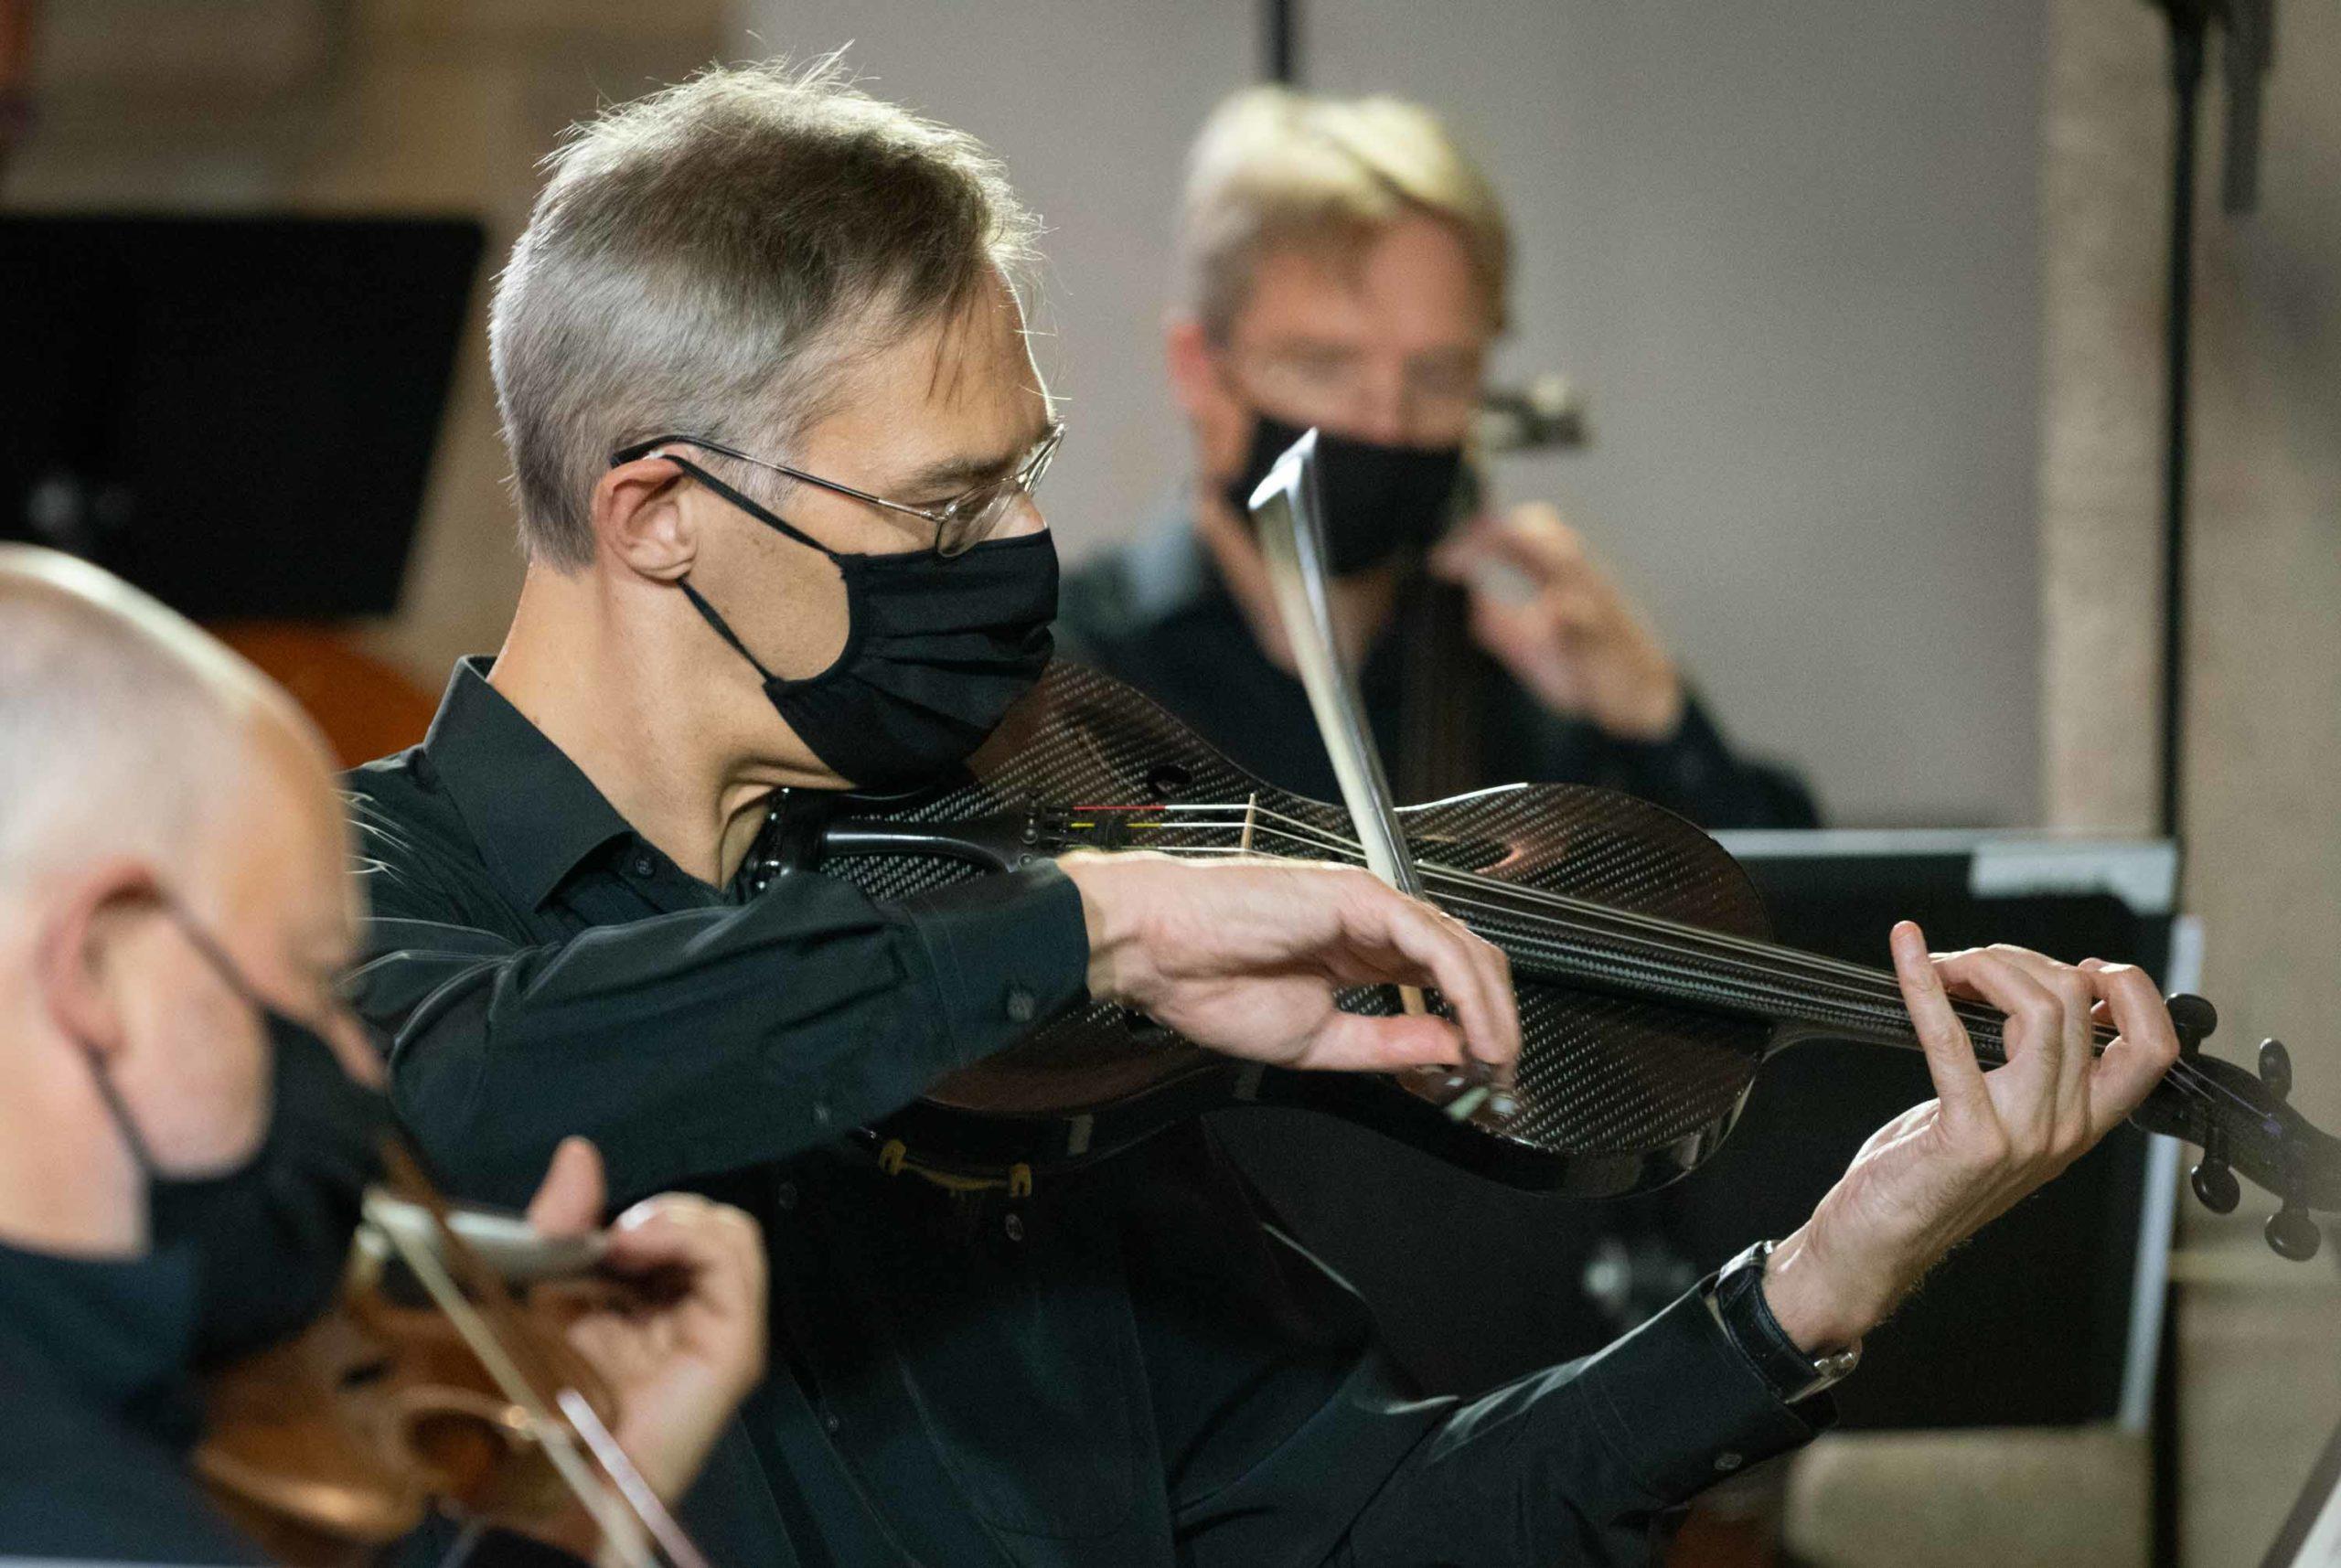 La música clásica también es un recurso turístico en A Mariña